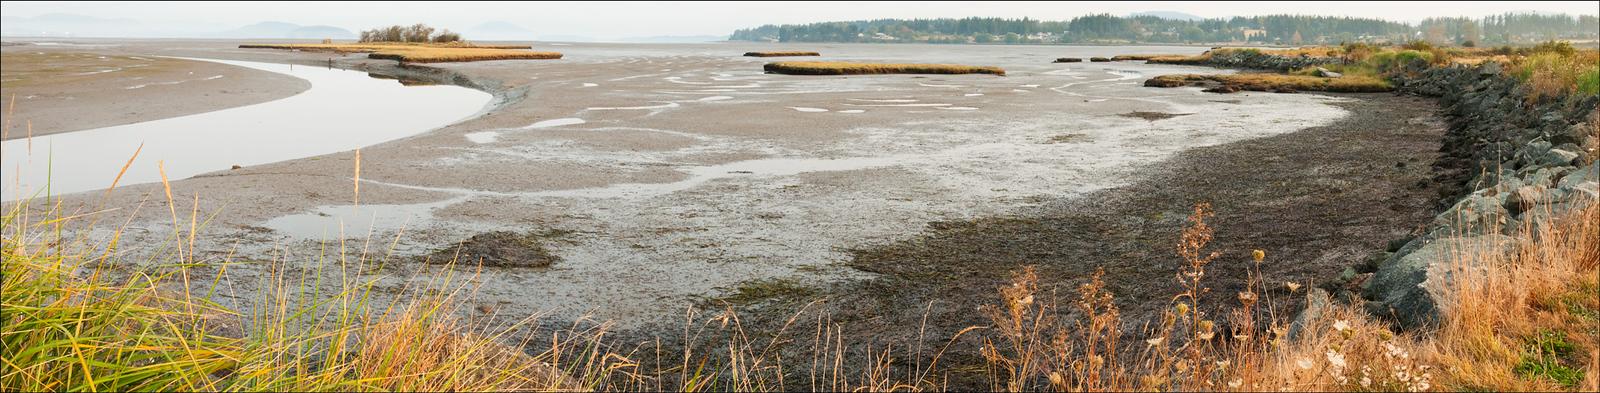 Padilla Bay, Washington panorama